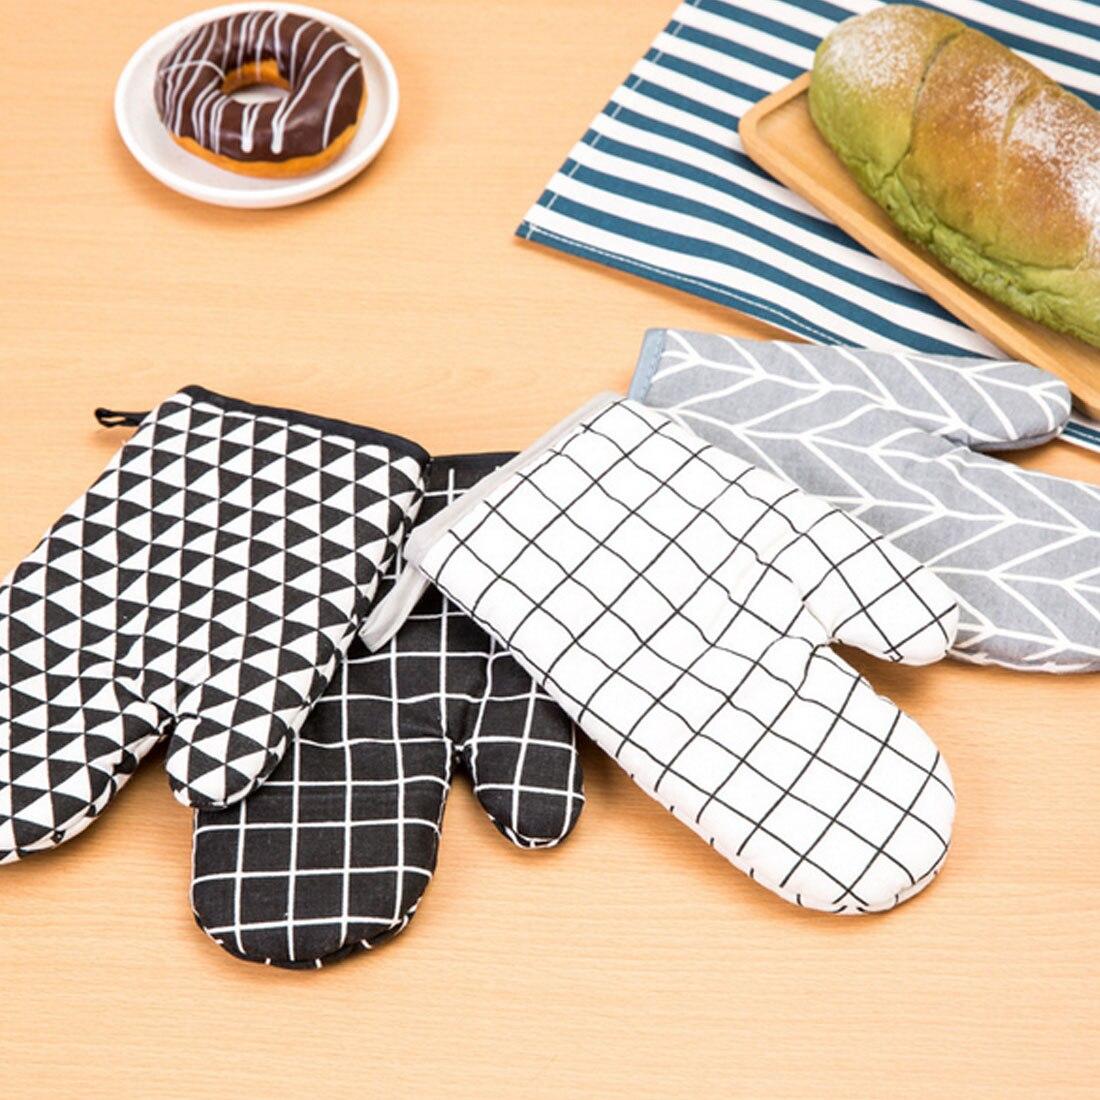 Bueno 1 Uds guante de algodón para el horno resistente al calor guante de cocina guante de horno microondas antideslizante guantes engrosamiento